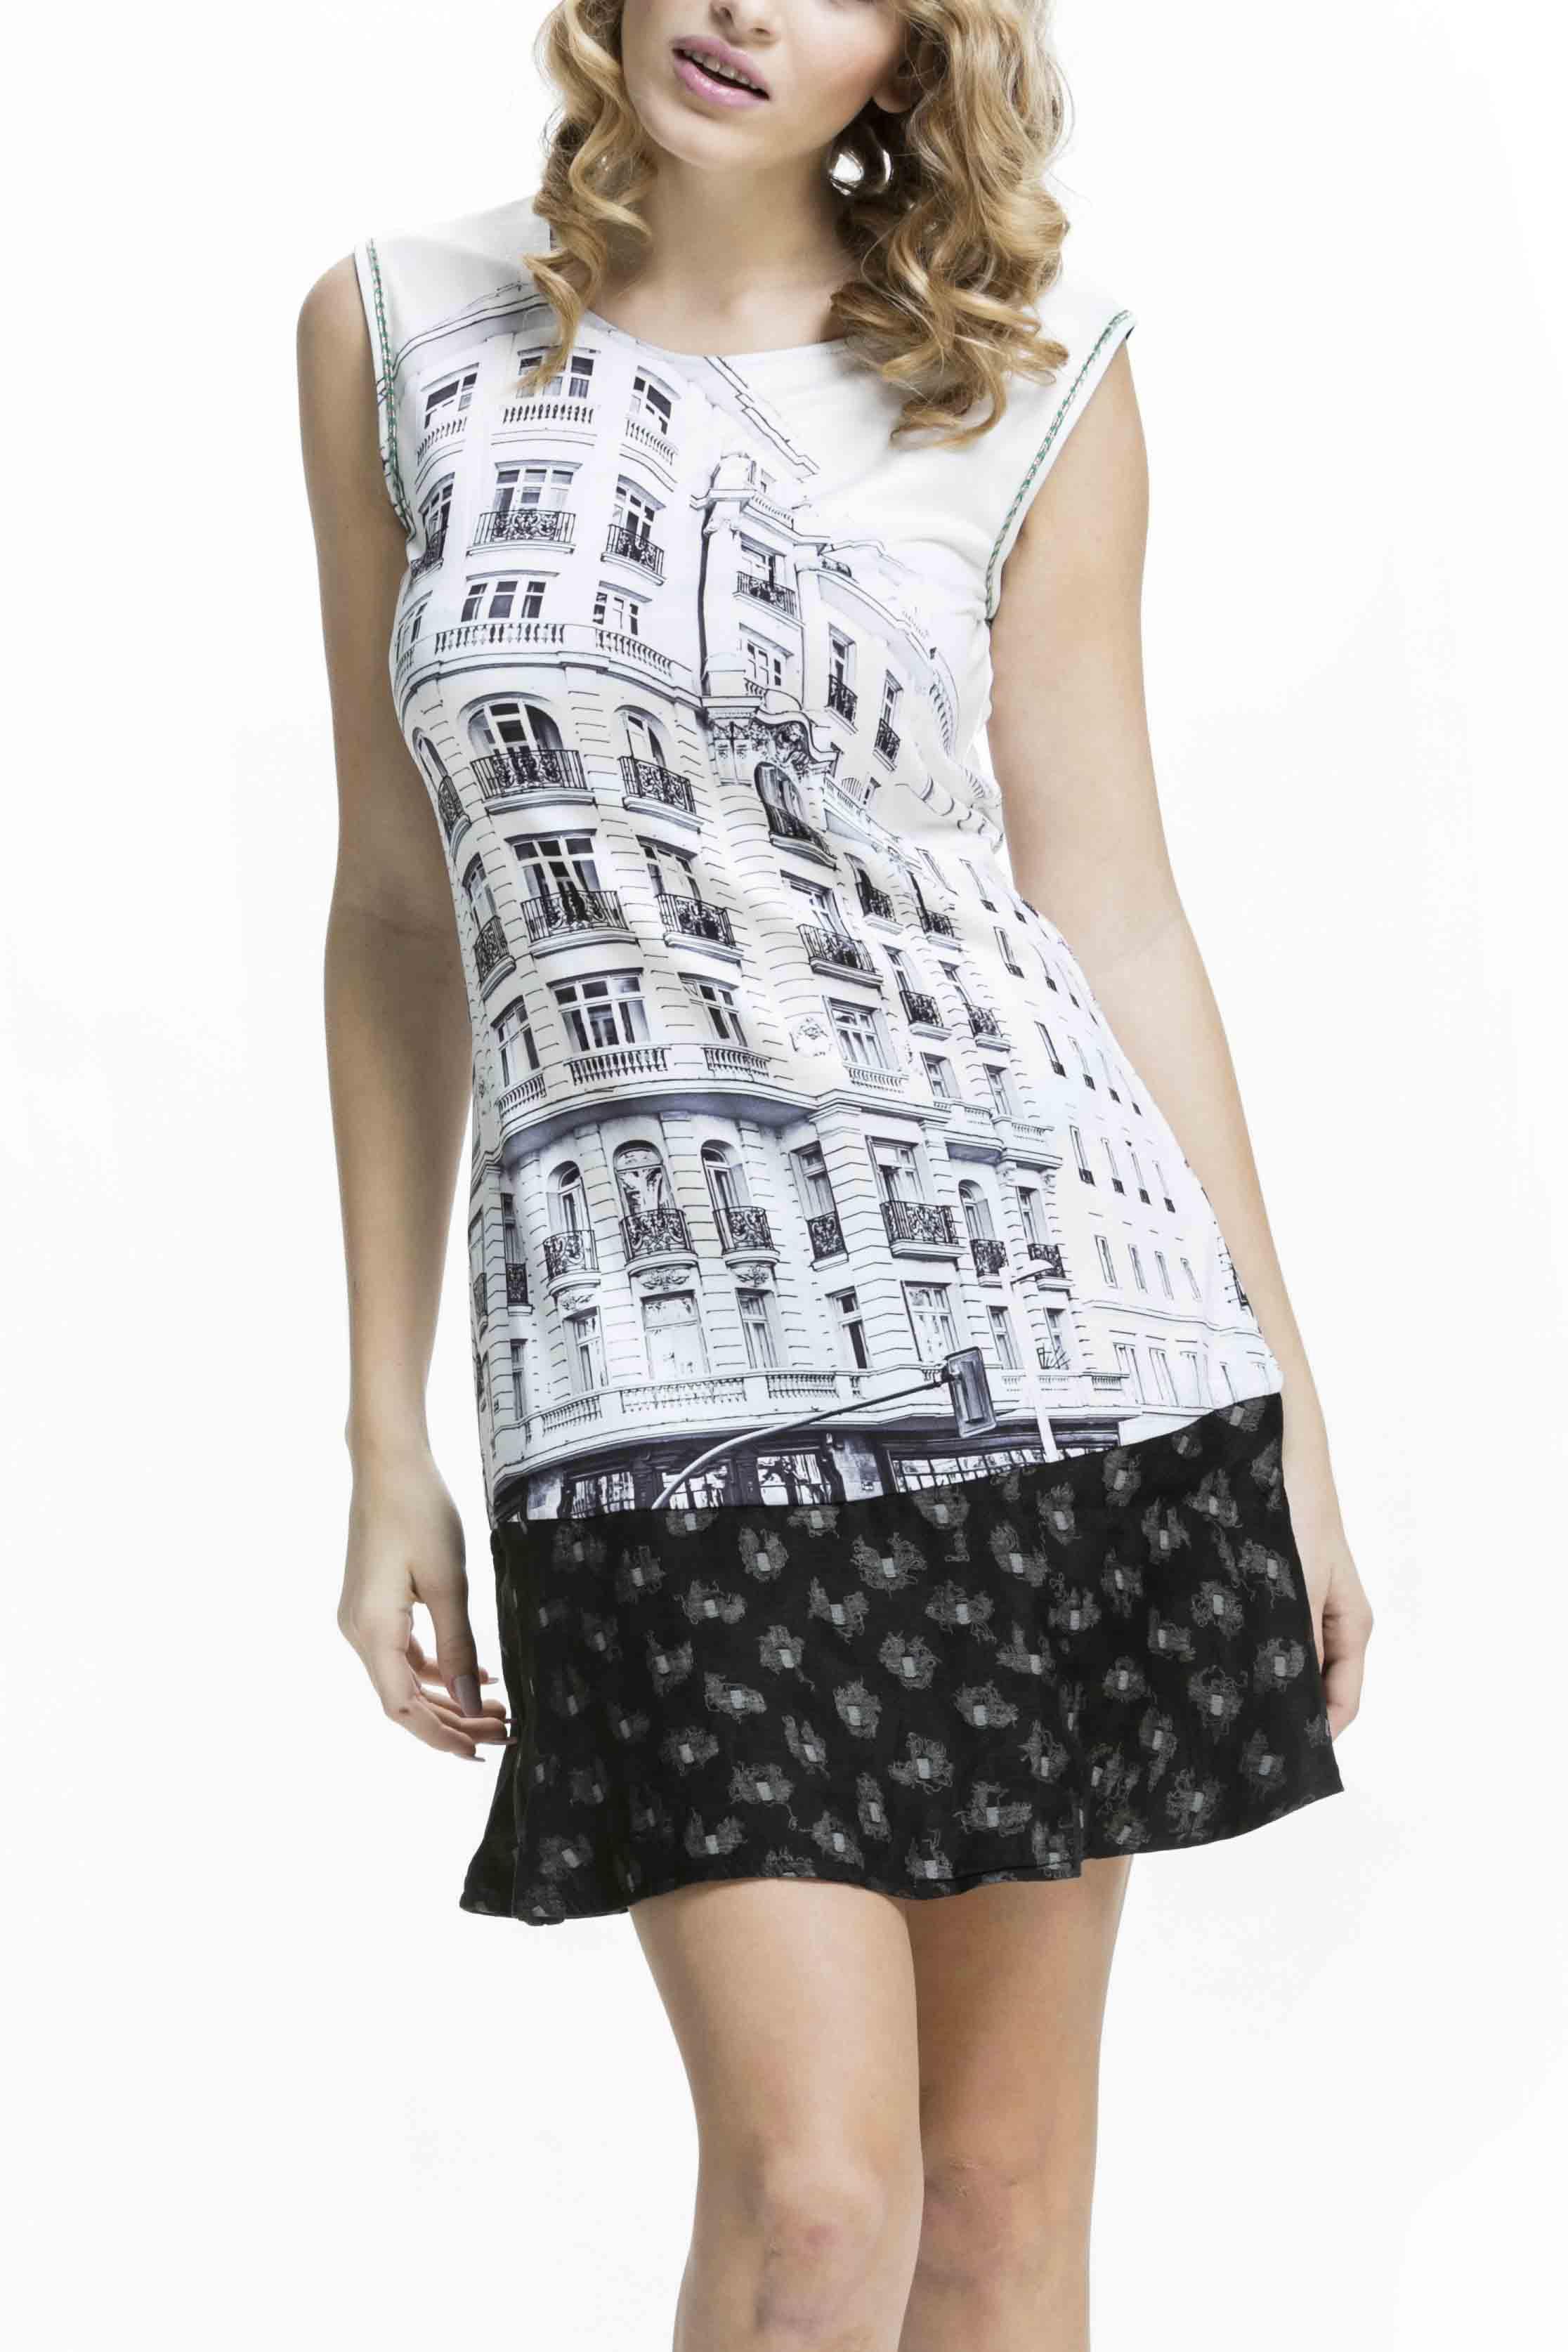 Krásné dámské šaty Culito from Spain s motivem hlavní města